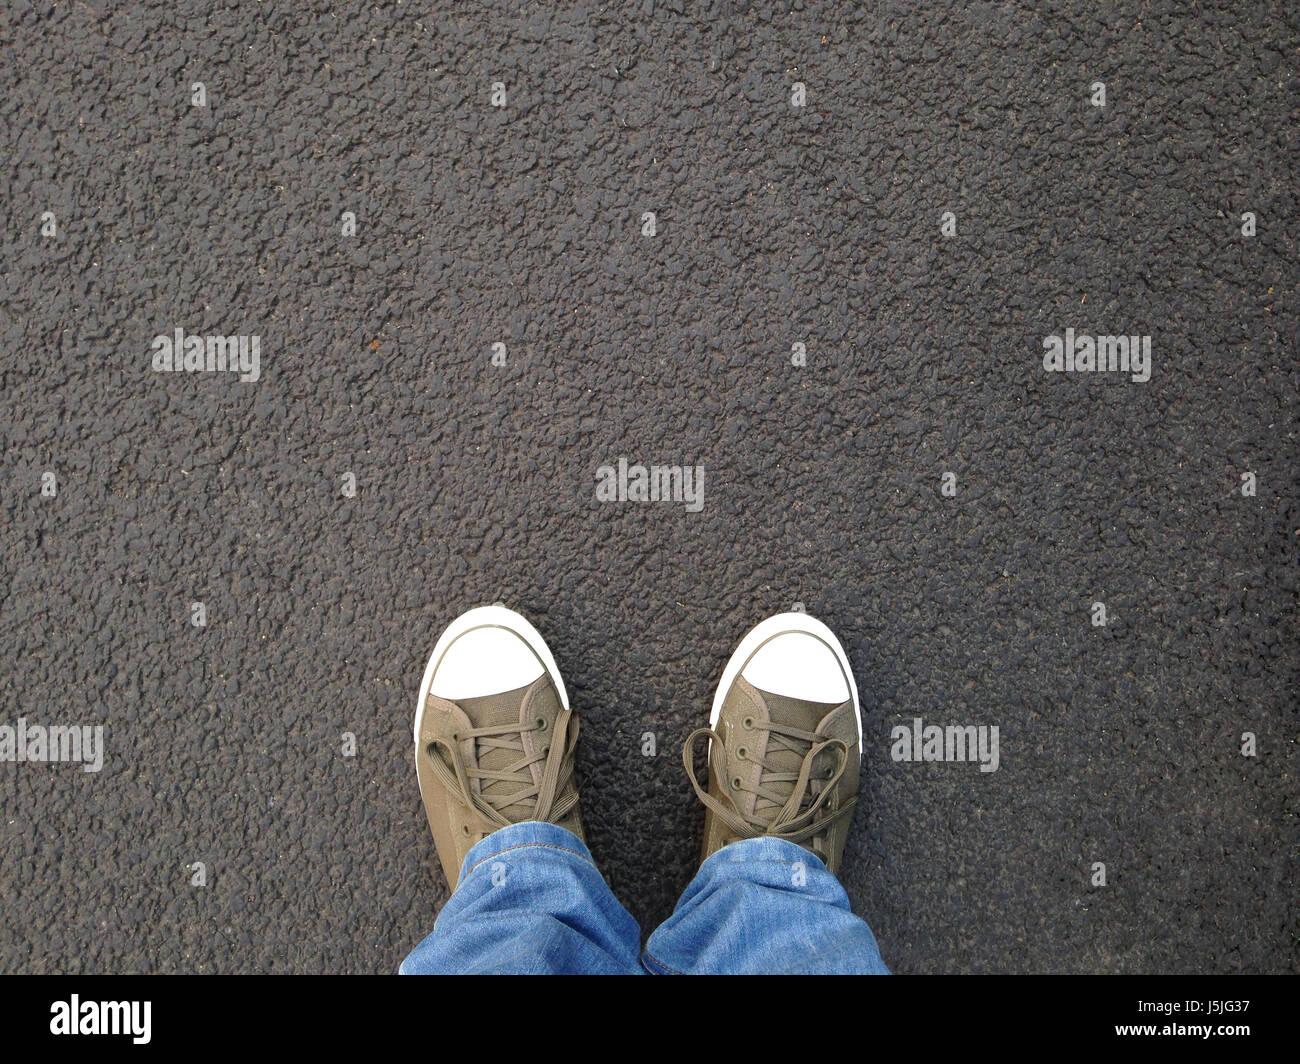 Selfie del piede o dei piedi in scarpe di tela in piedi su asfalto Immagini  Stock f6ae27d241c